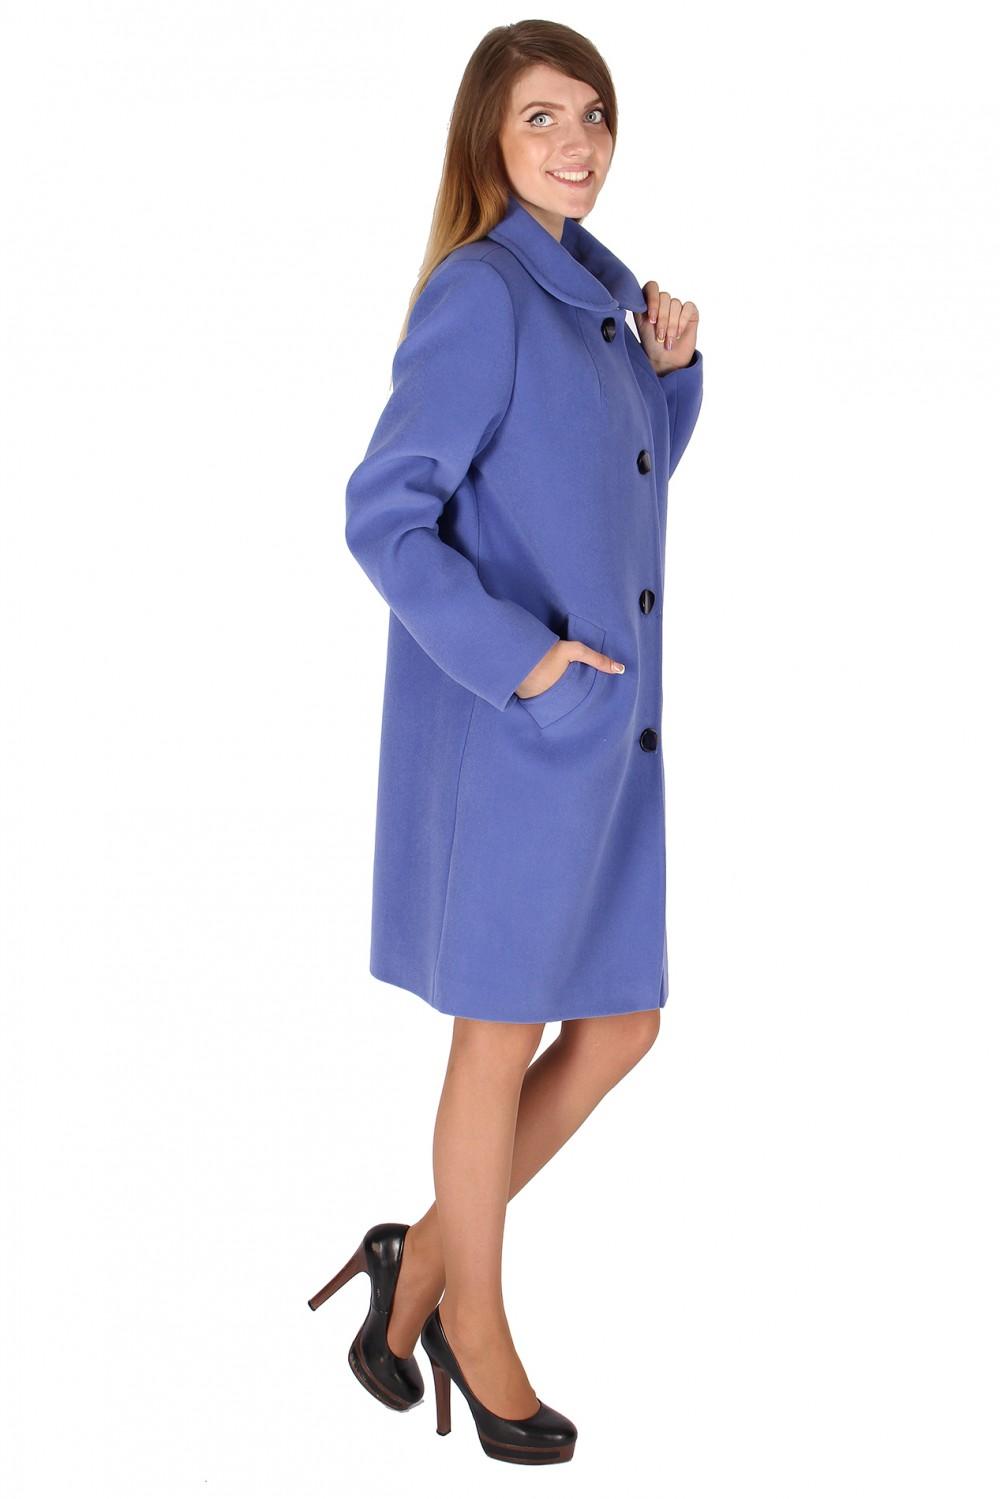 Купить оптом Пальто женское голубого цвета 16318Gl в  Красноярске